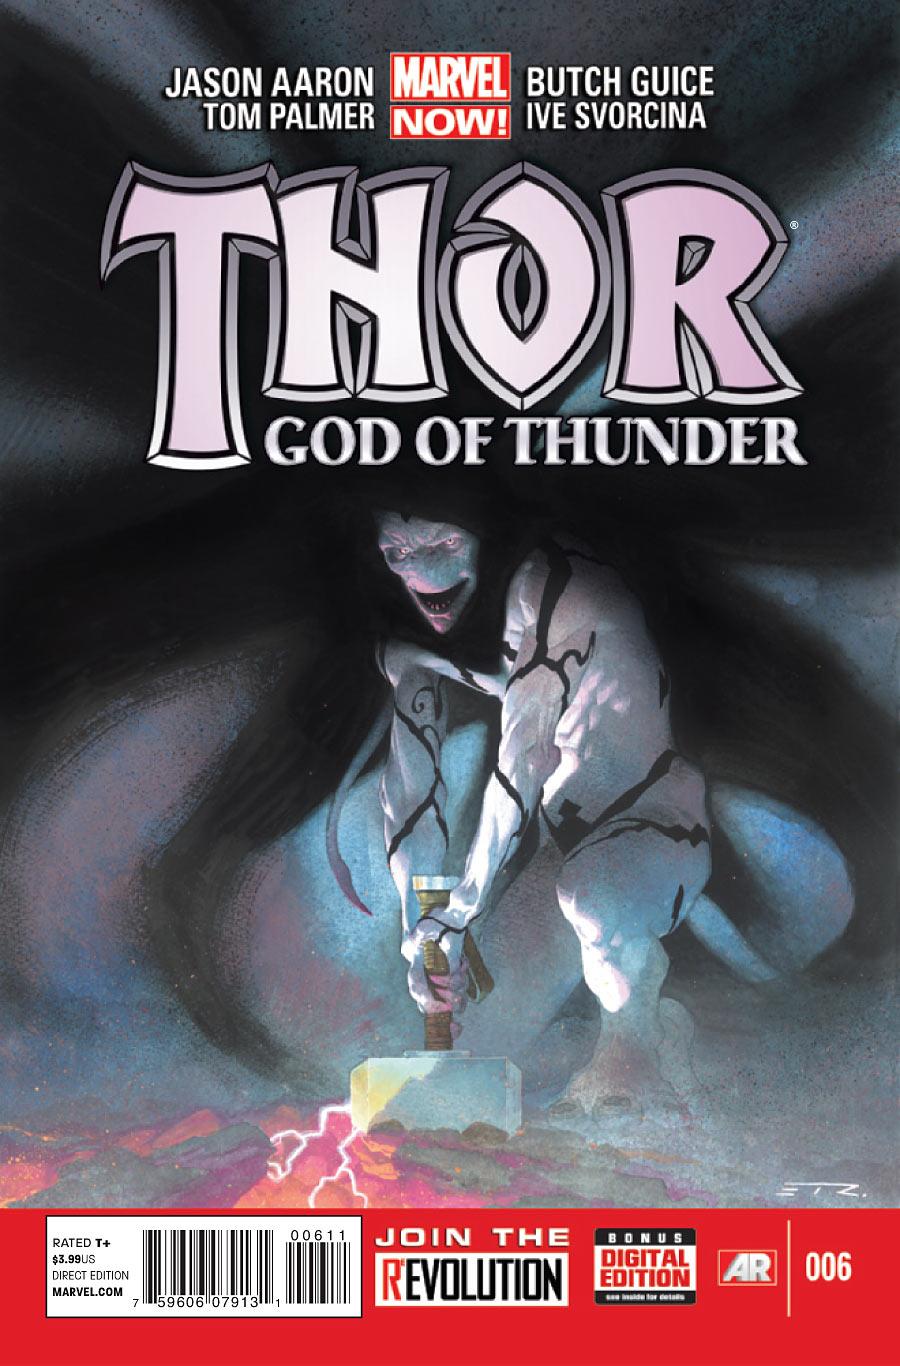 Thor: God of Thunder #6